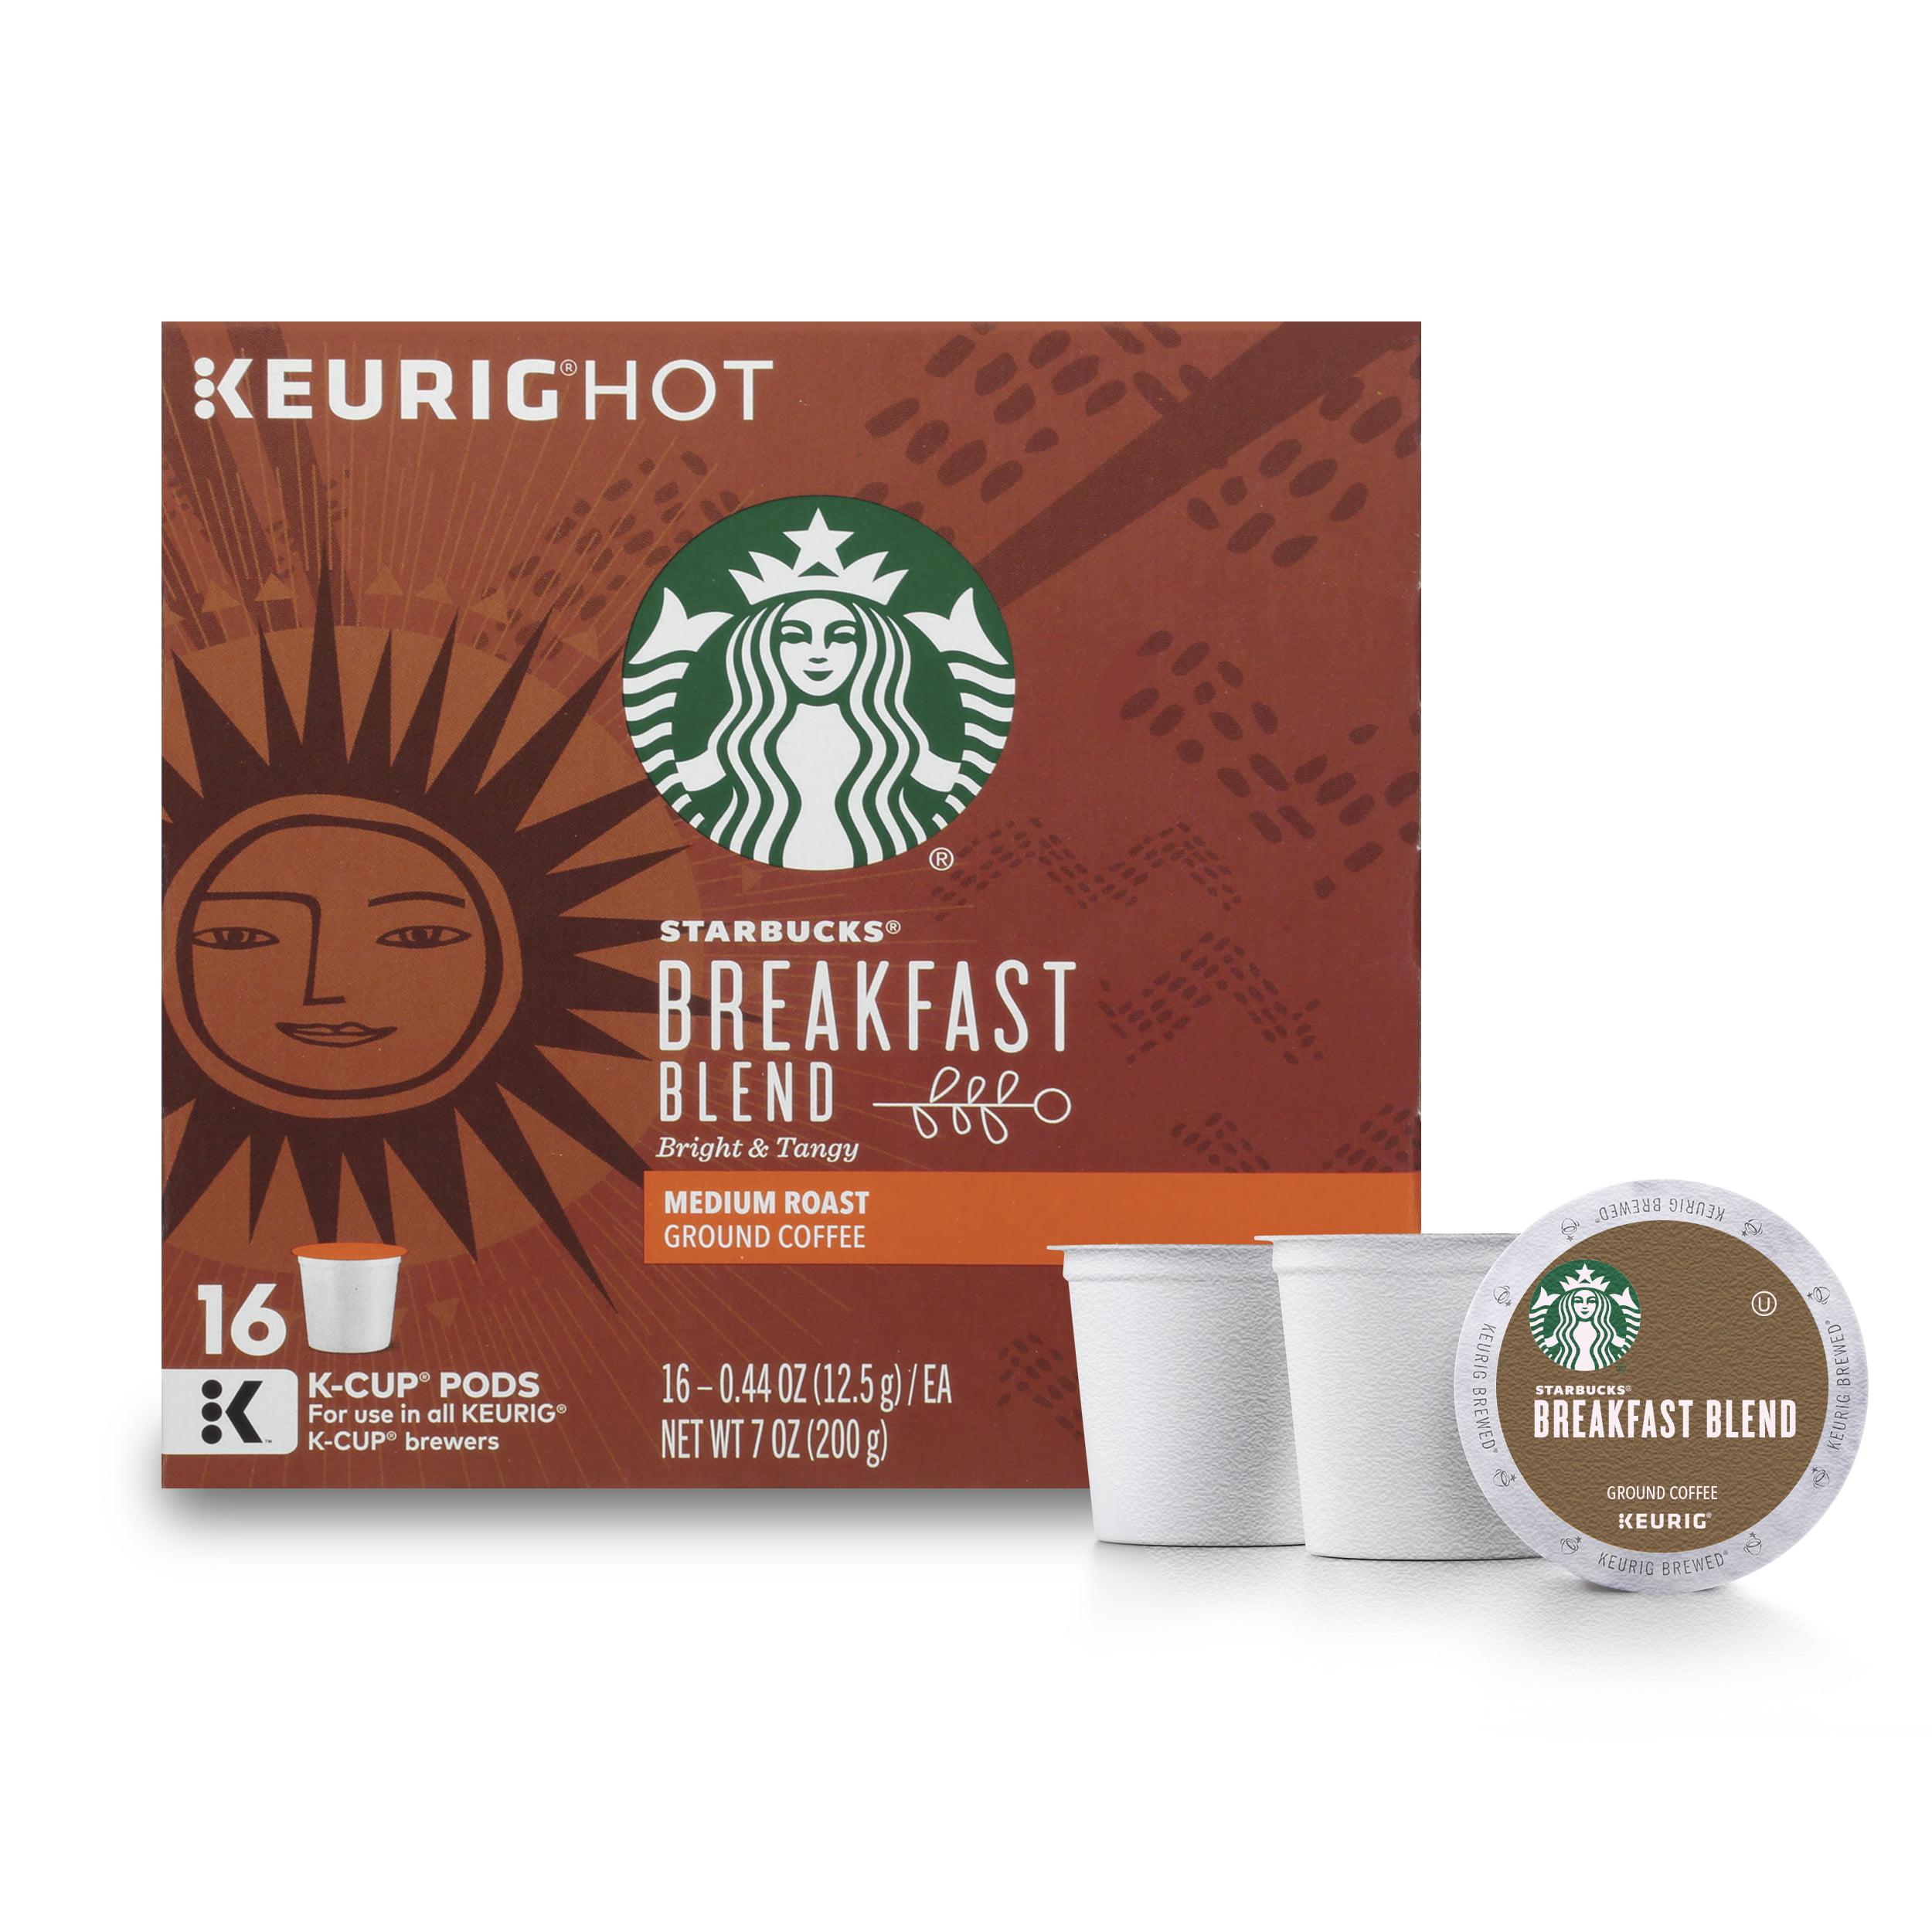 Starbucks Breakfast Blend Medium Roast Single Cup Coffee for Keurig Brewers, 1 Box of 16 (16 Total K-Cup Pods)